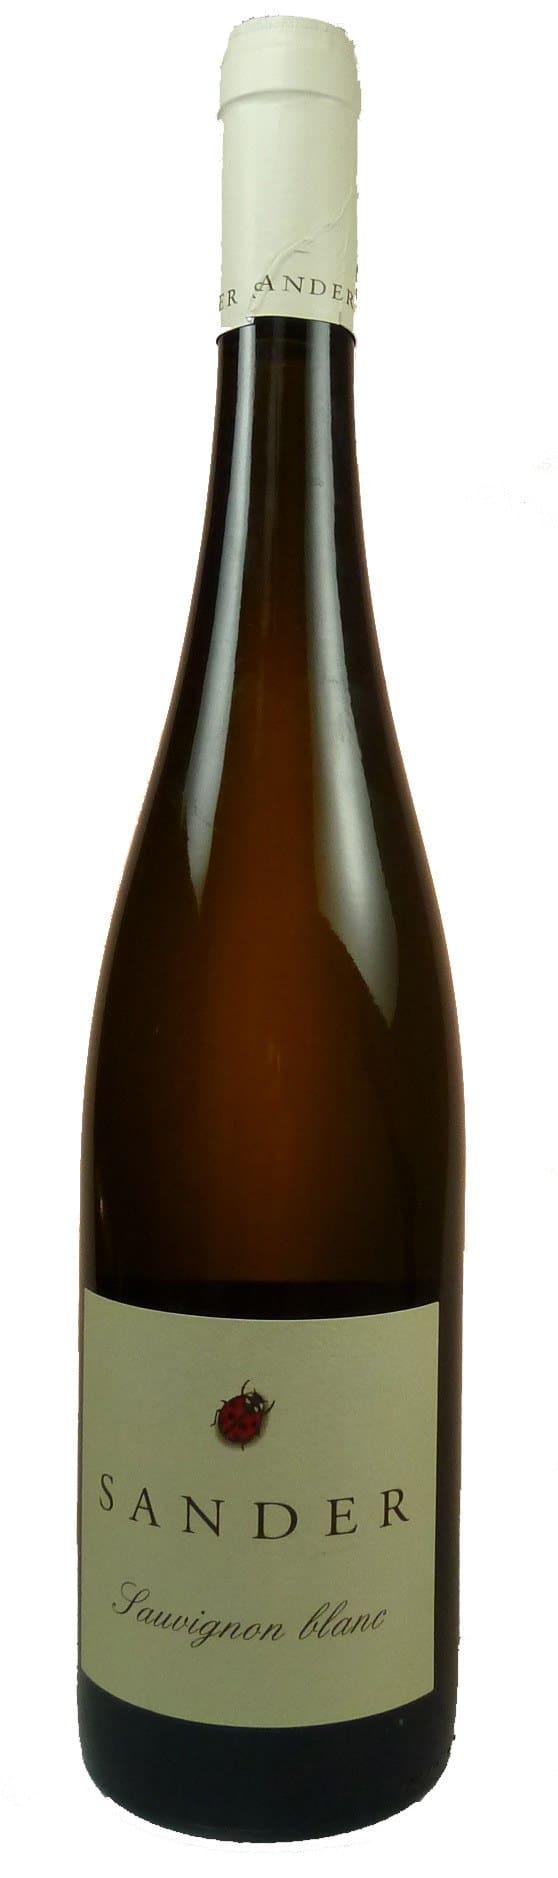 Sauvignon blanc Qualitätswein trocken bio 2016